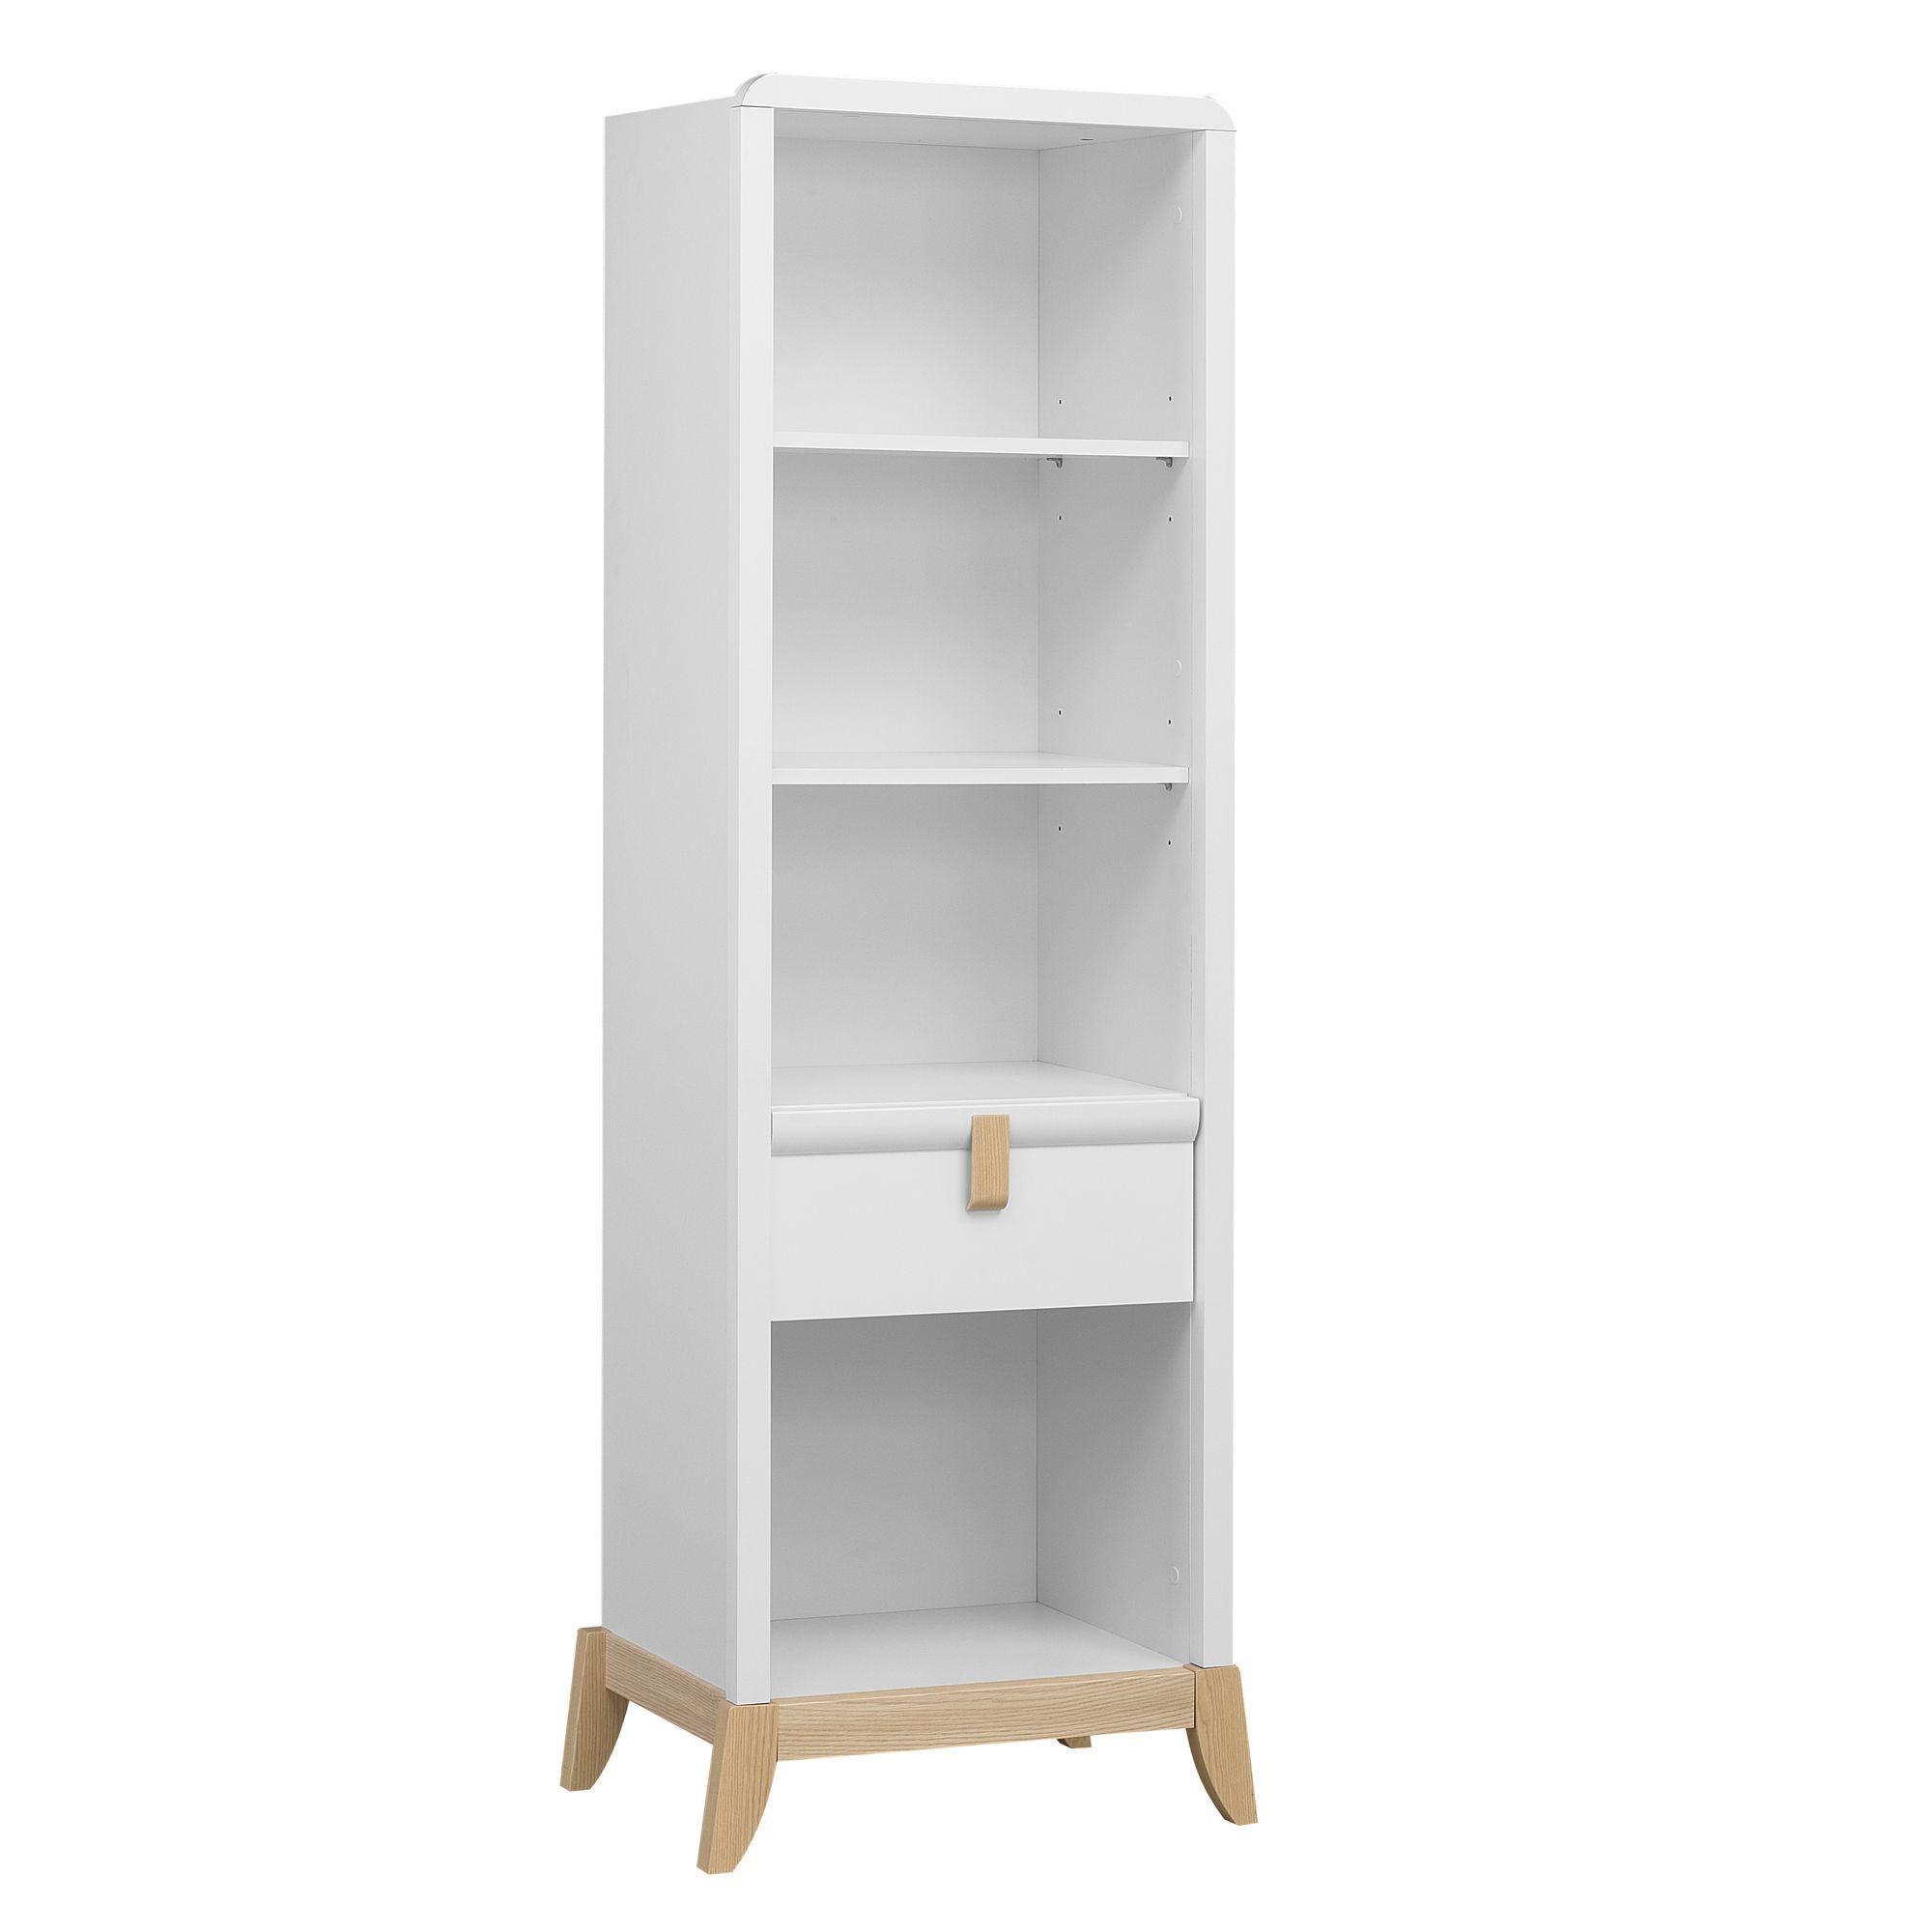 Bibliotheque 1tiroir Frene Blanc Flocon Les Etageres De Chambre D Enfants Les Meubles Pour Chambre Enfant Mobilier De Salon Meuble Chambre Meuble Deco